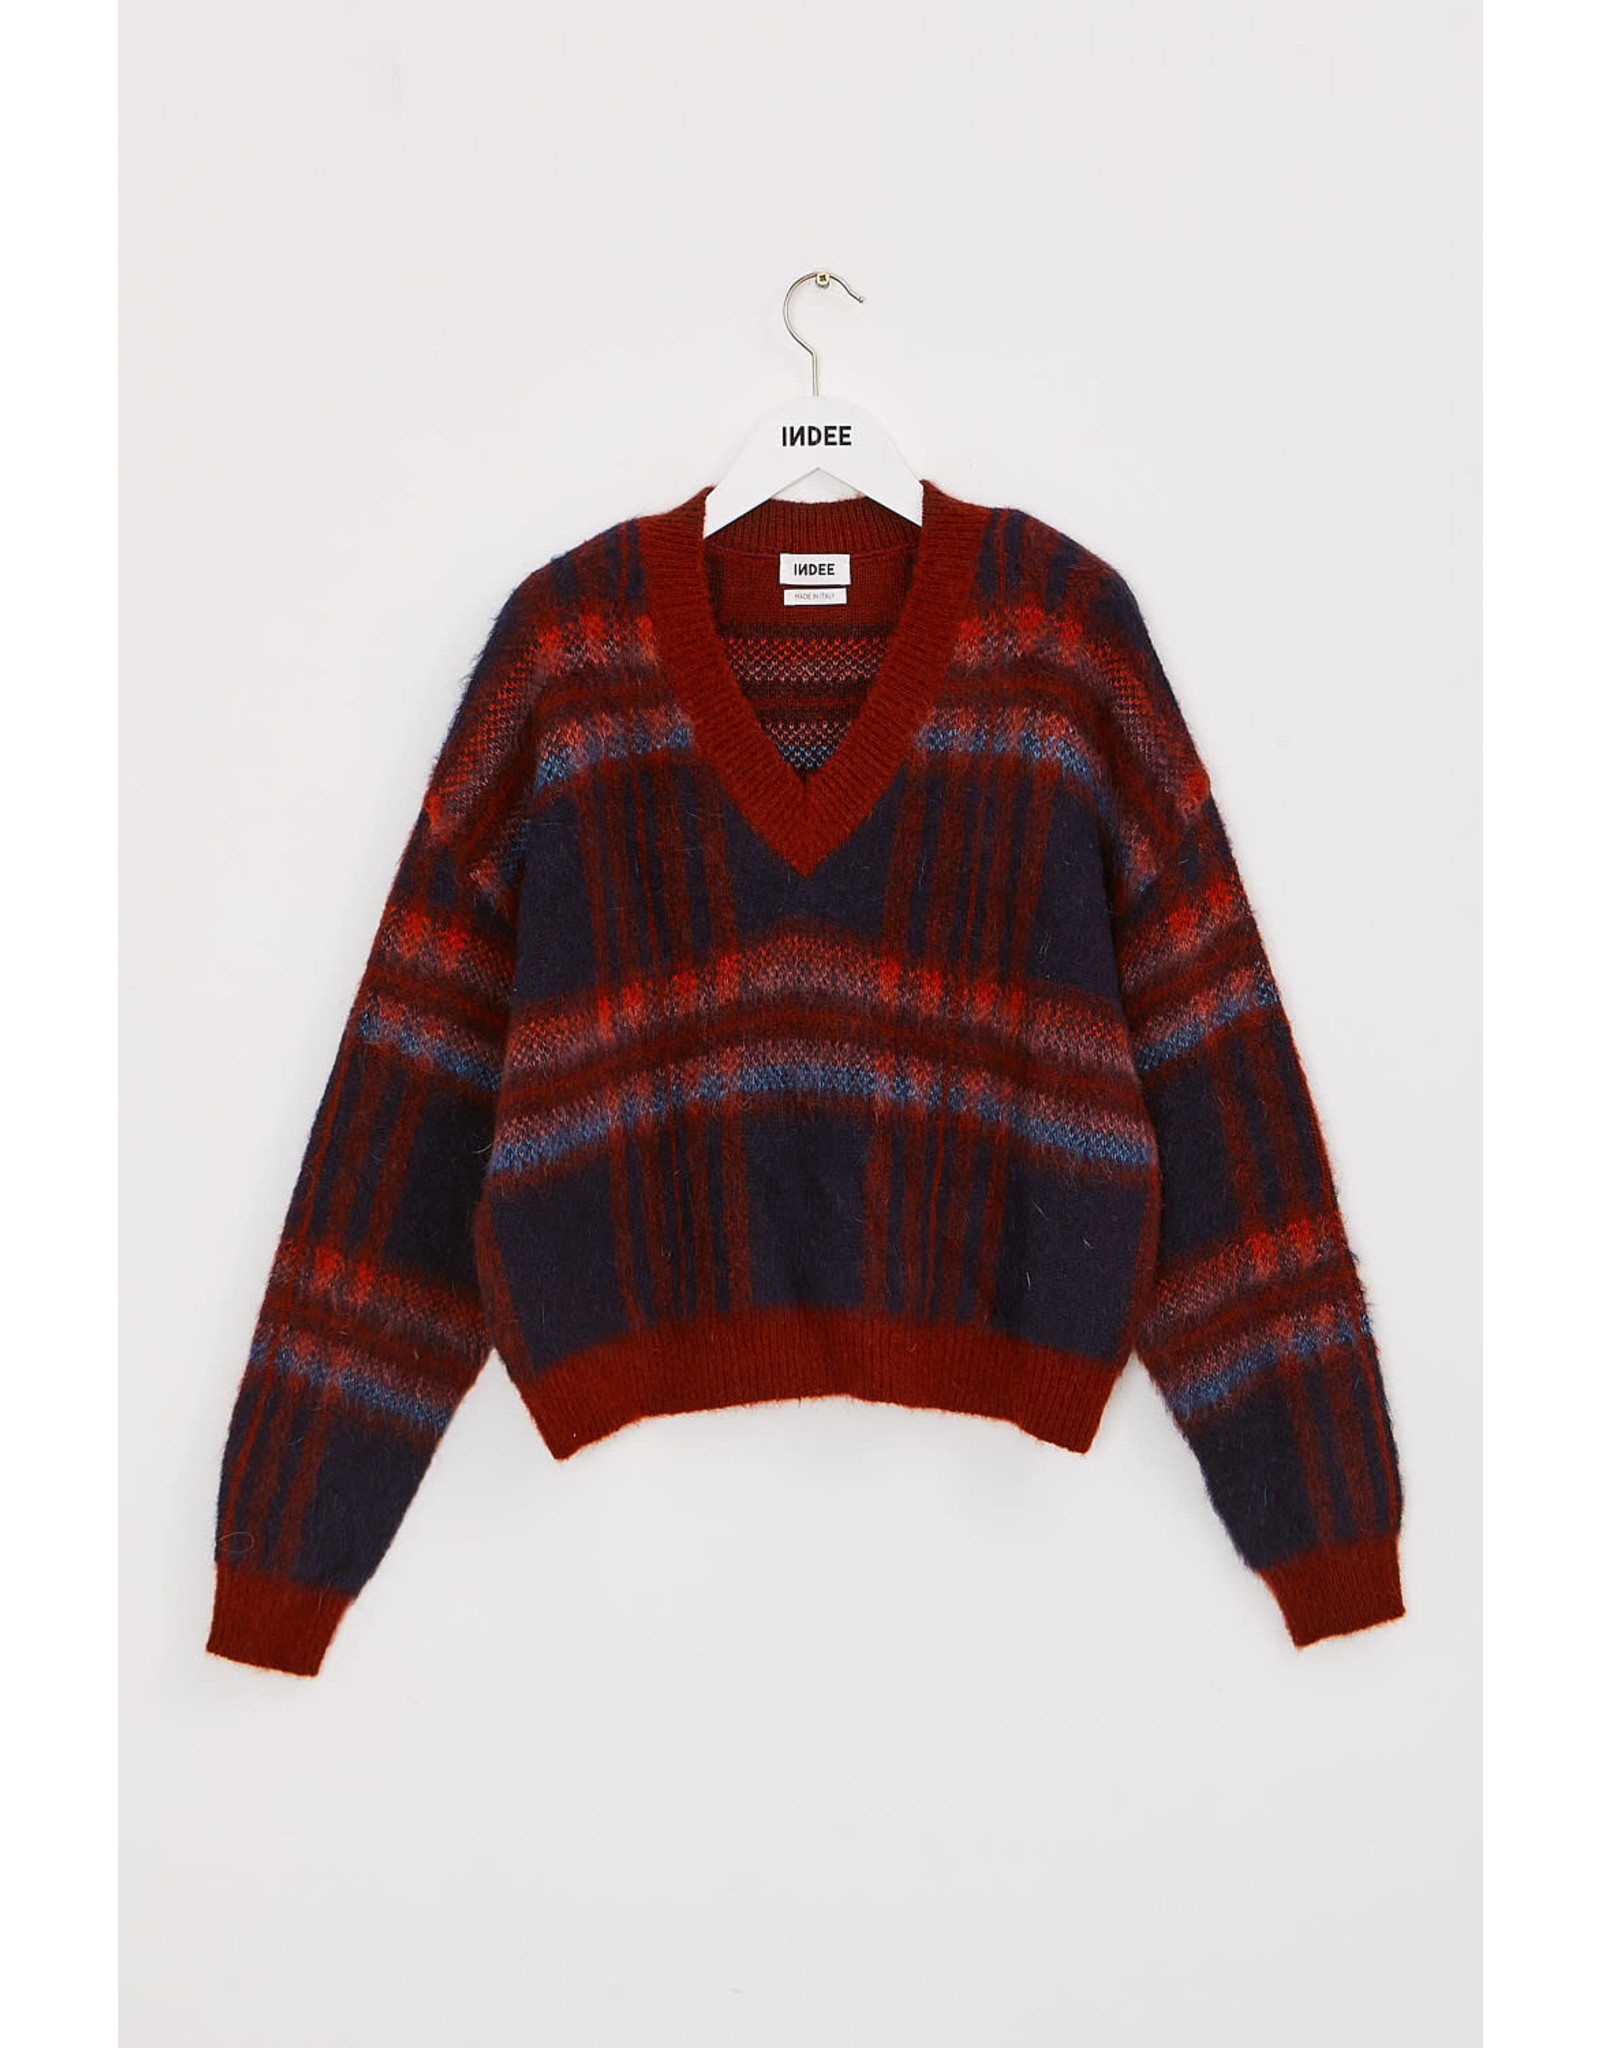 INDEE FW21 Kilt knit sweater midnight blue